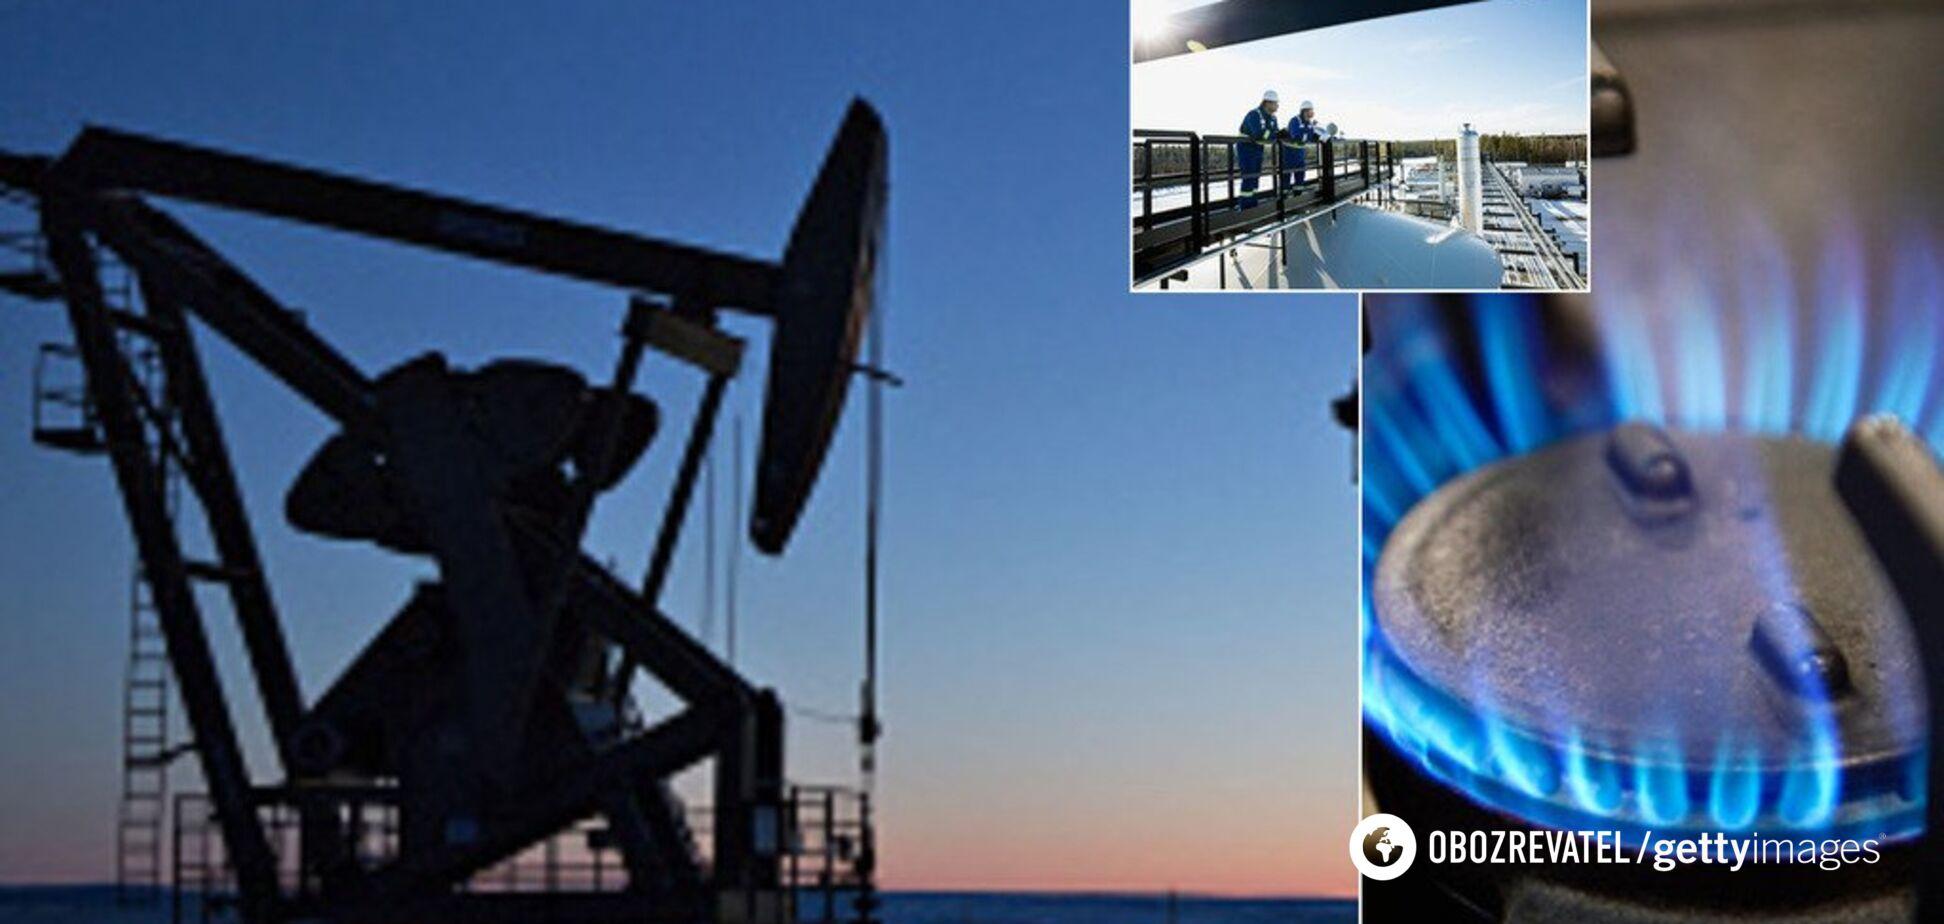 Украинцам неожиданно изменили тариф на газ: чего ждать от кардинального решения Кабмина